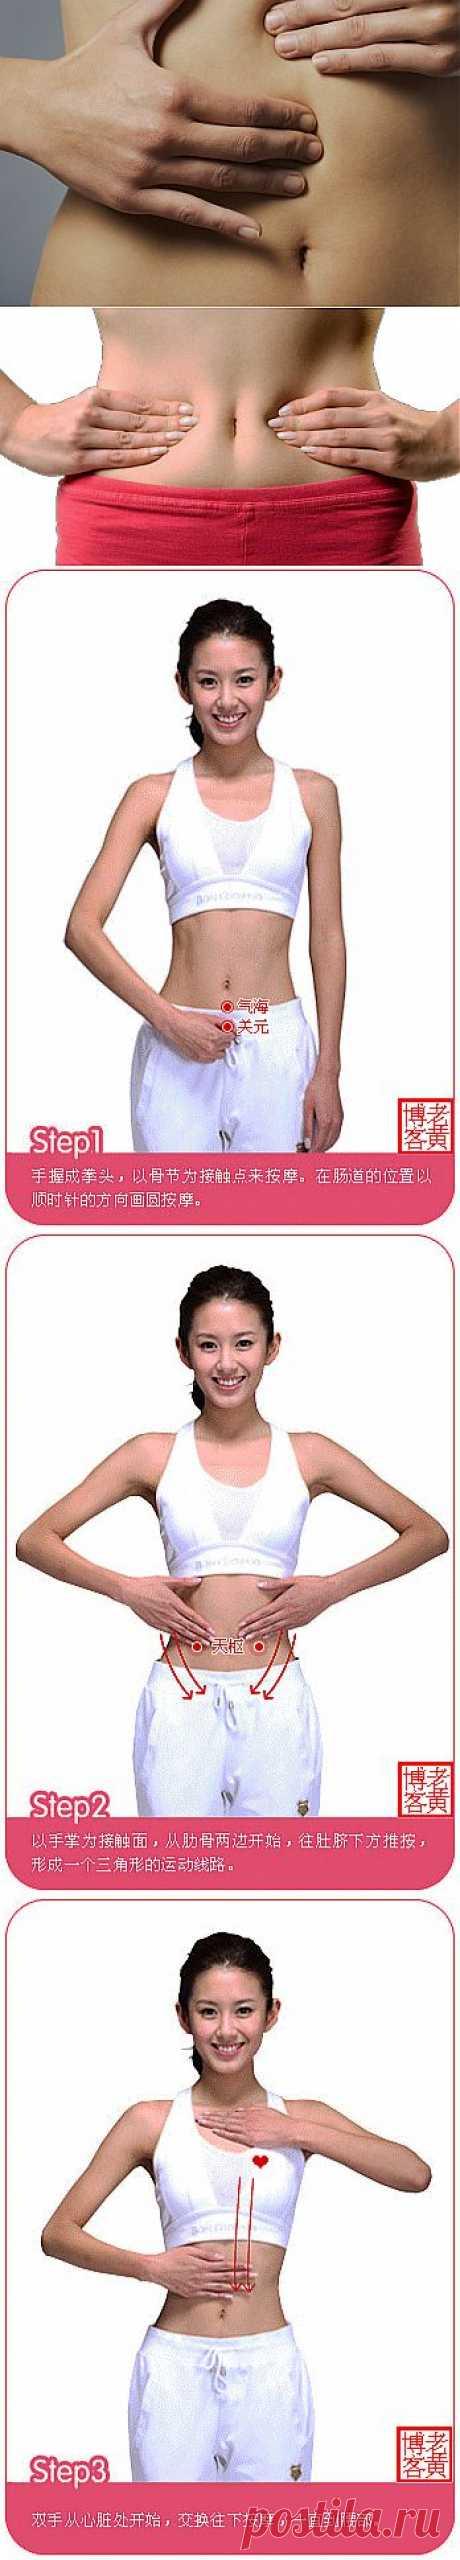 Японский массаж для похудения.